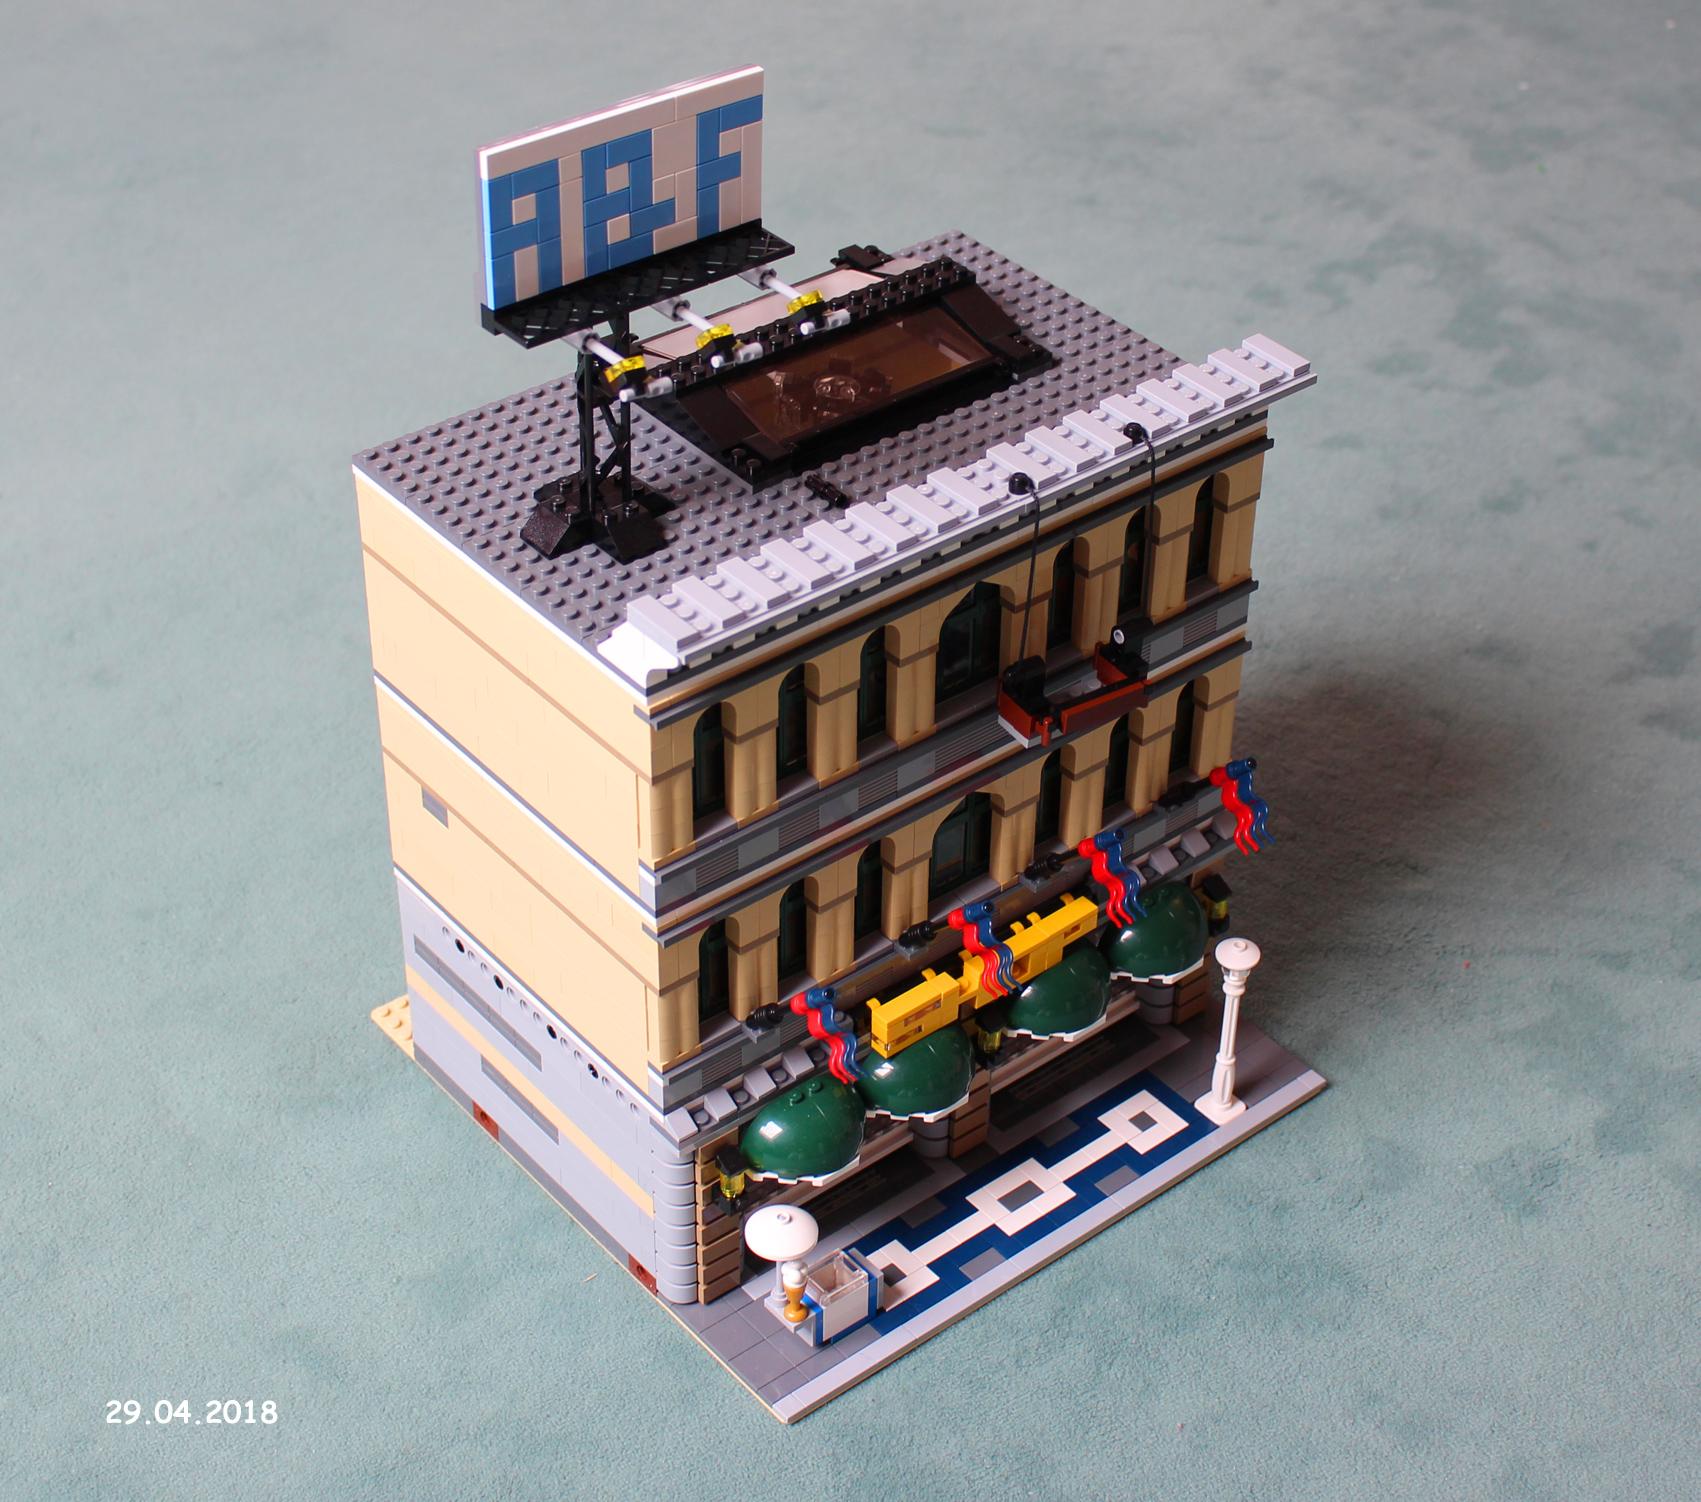 Lego City 04-2018